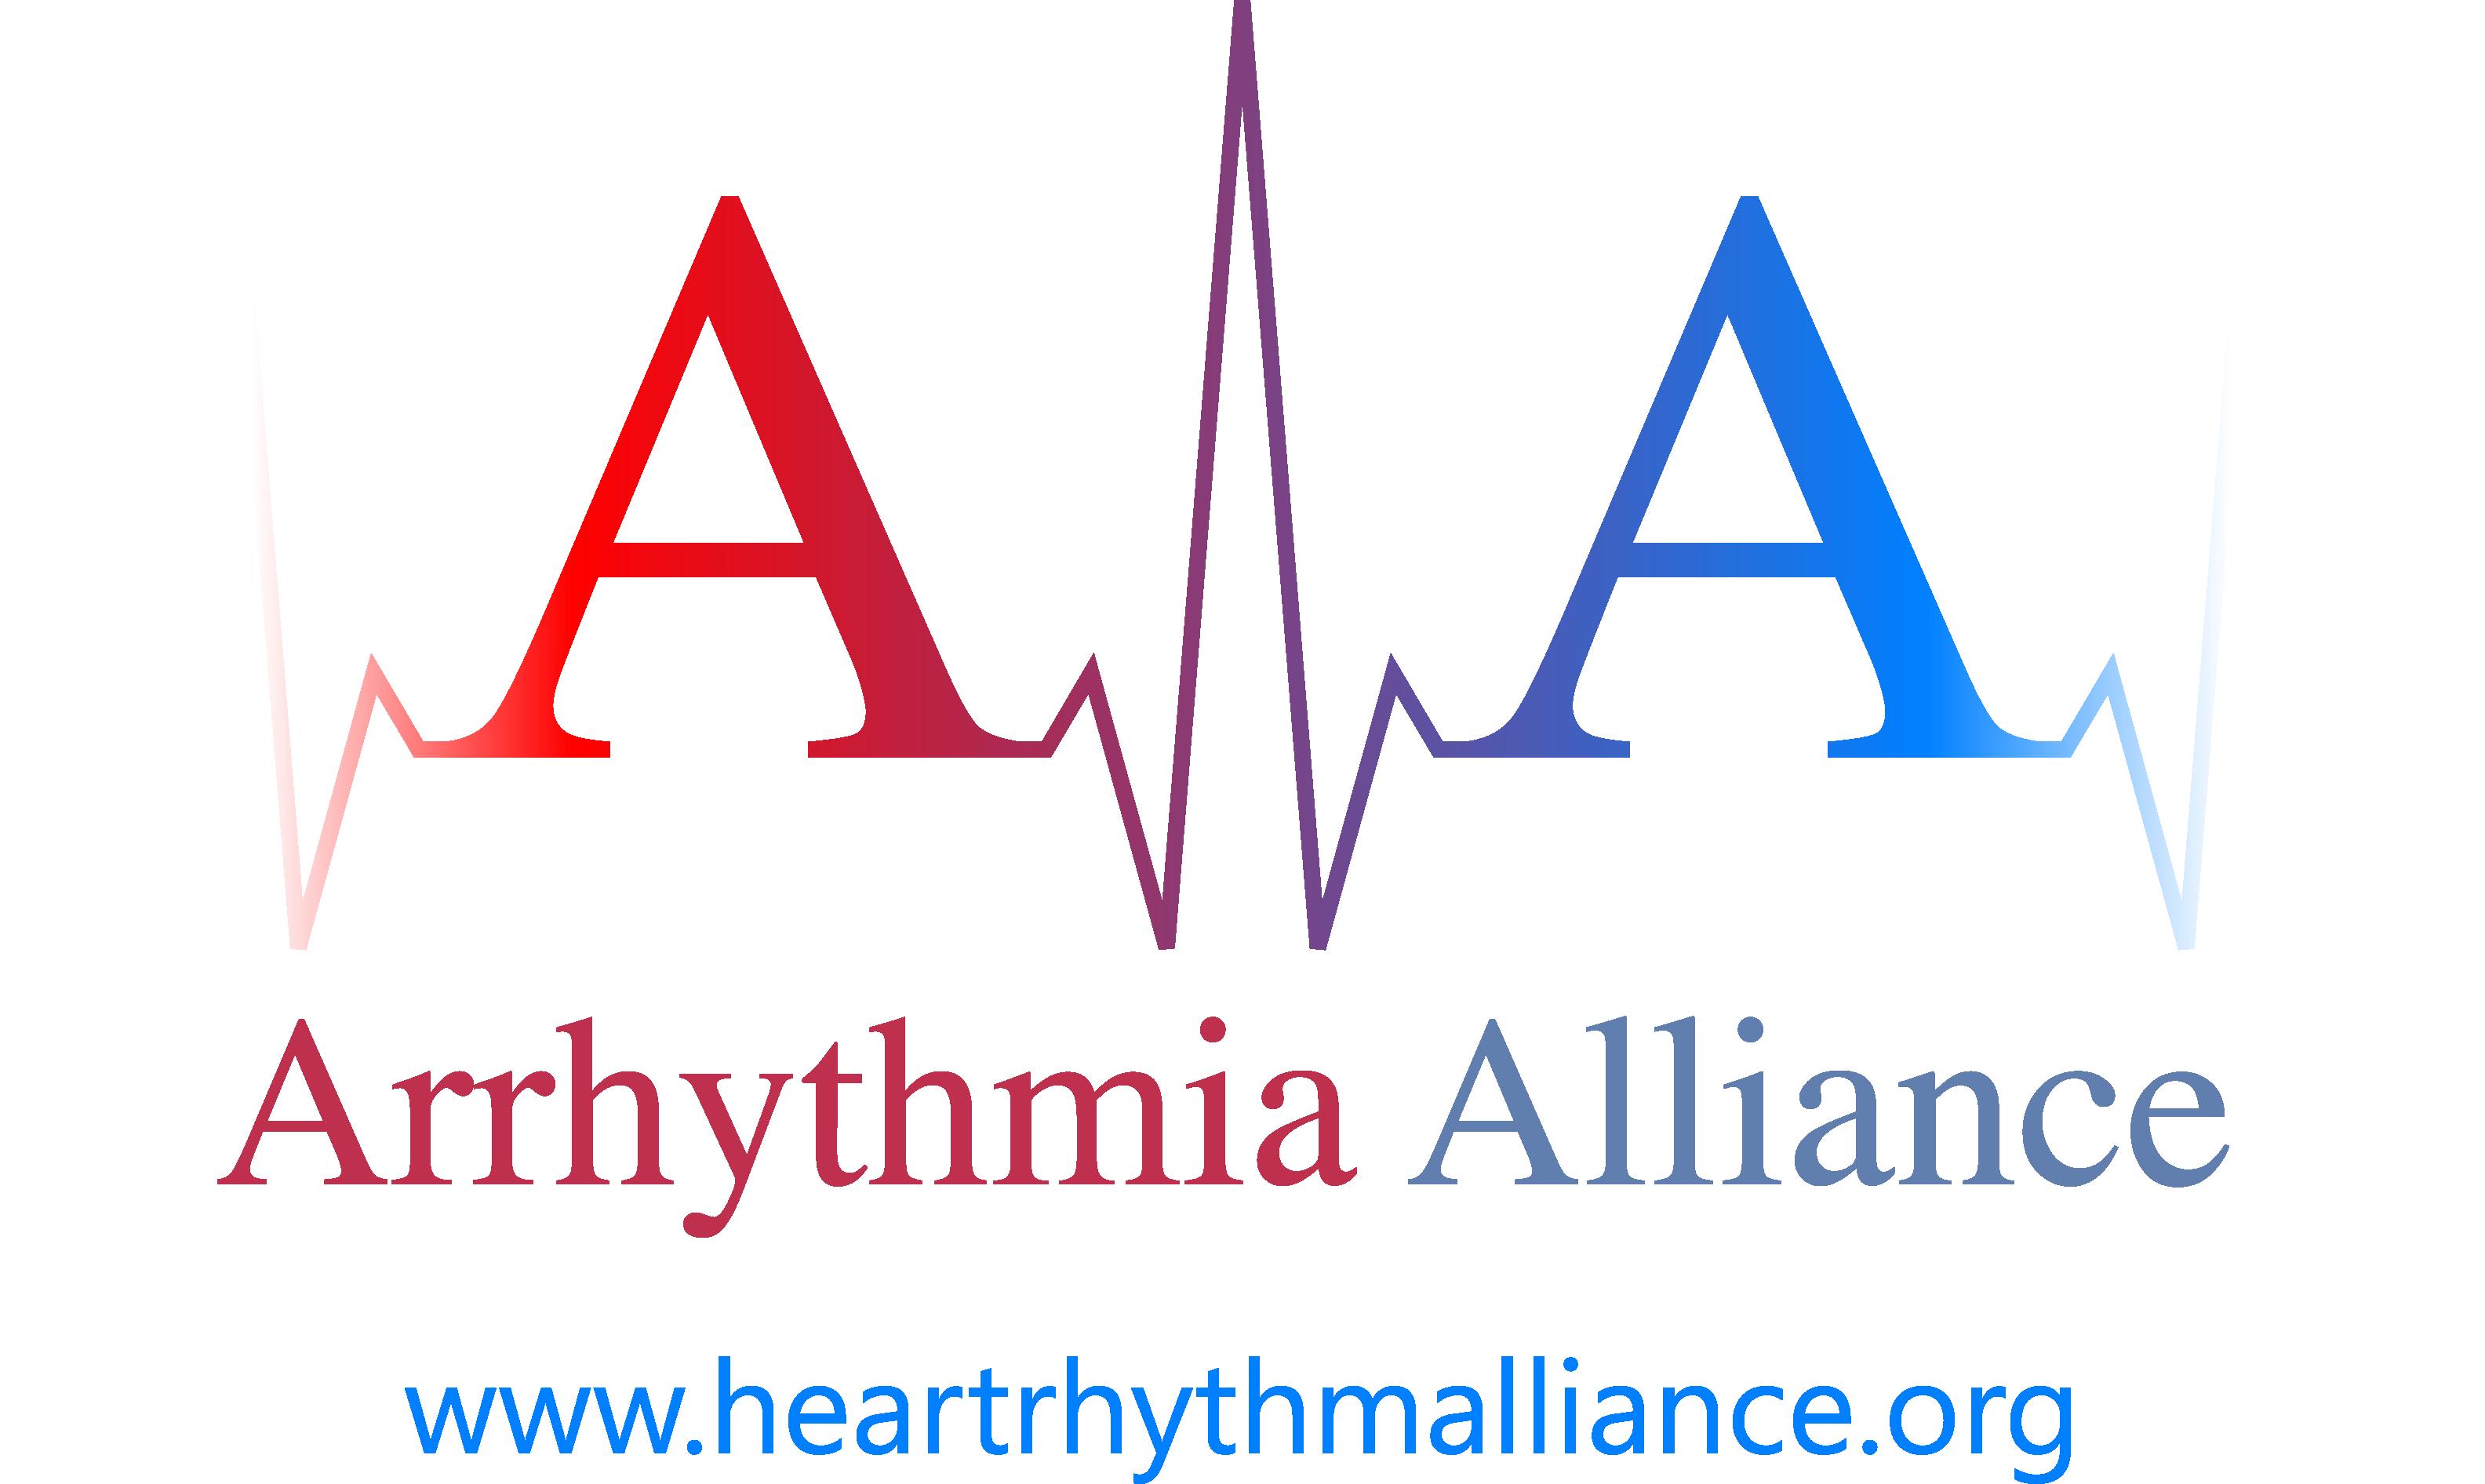 Arrhythmia Alliance